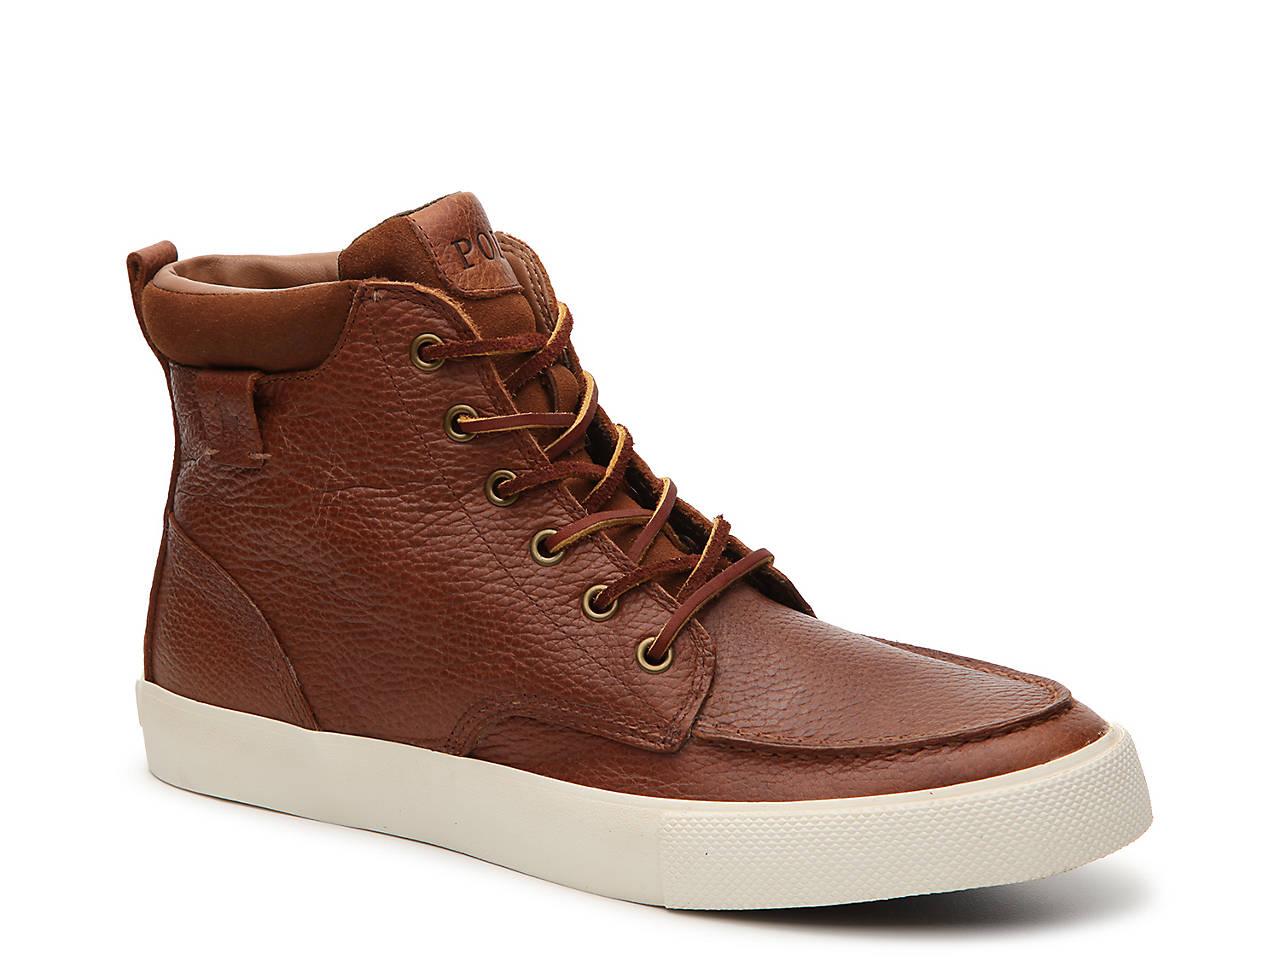 Polo Ralph Lauren High-tops Et Chaussures De Sport eOqKR55nt